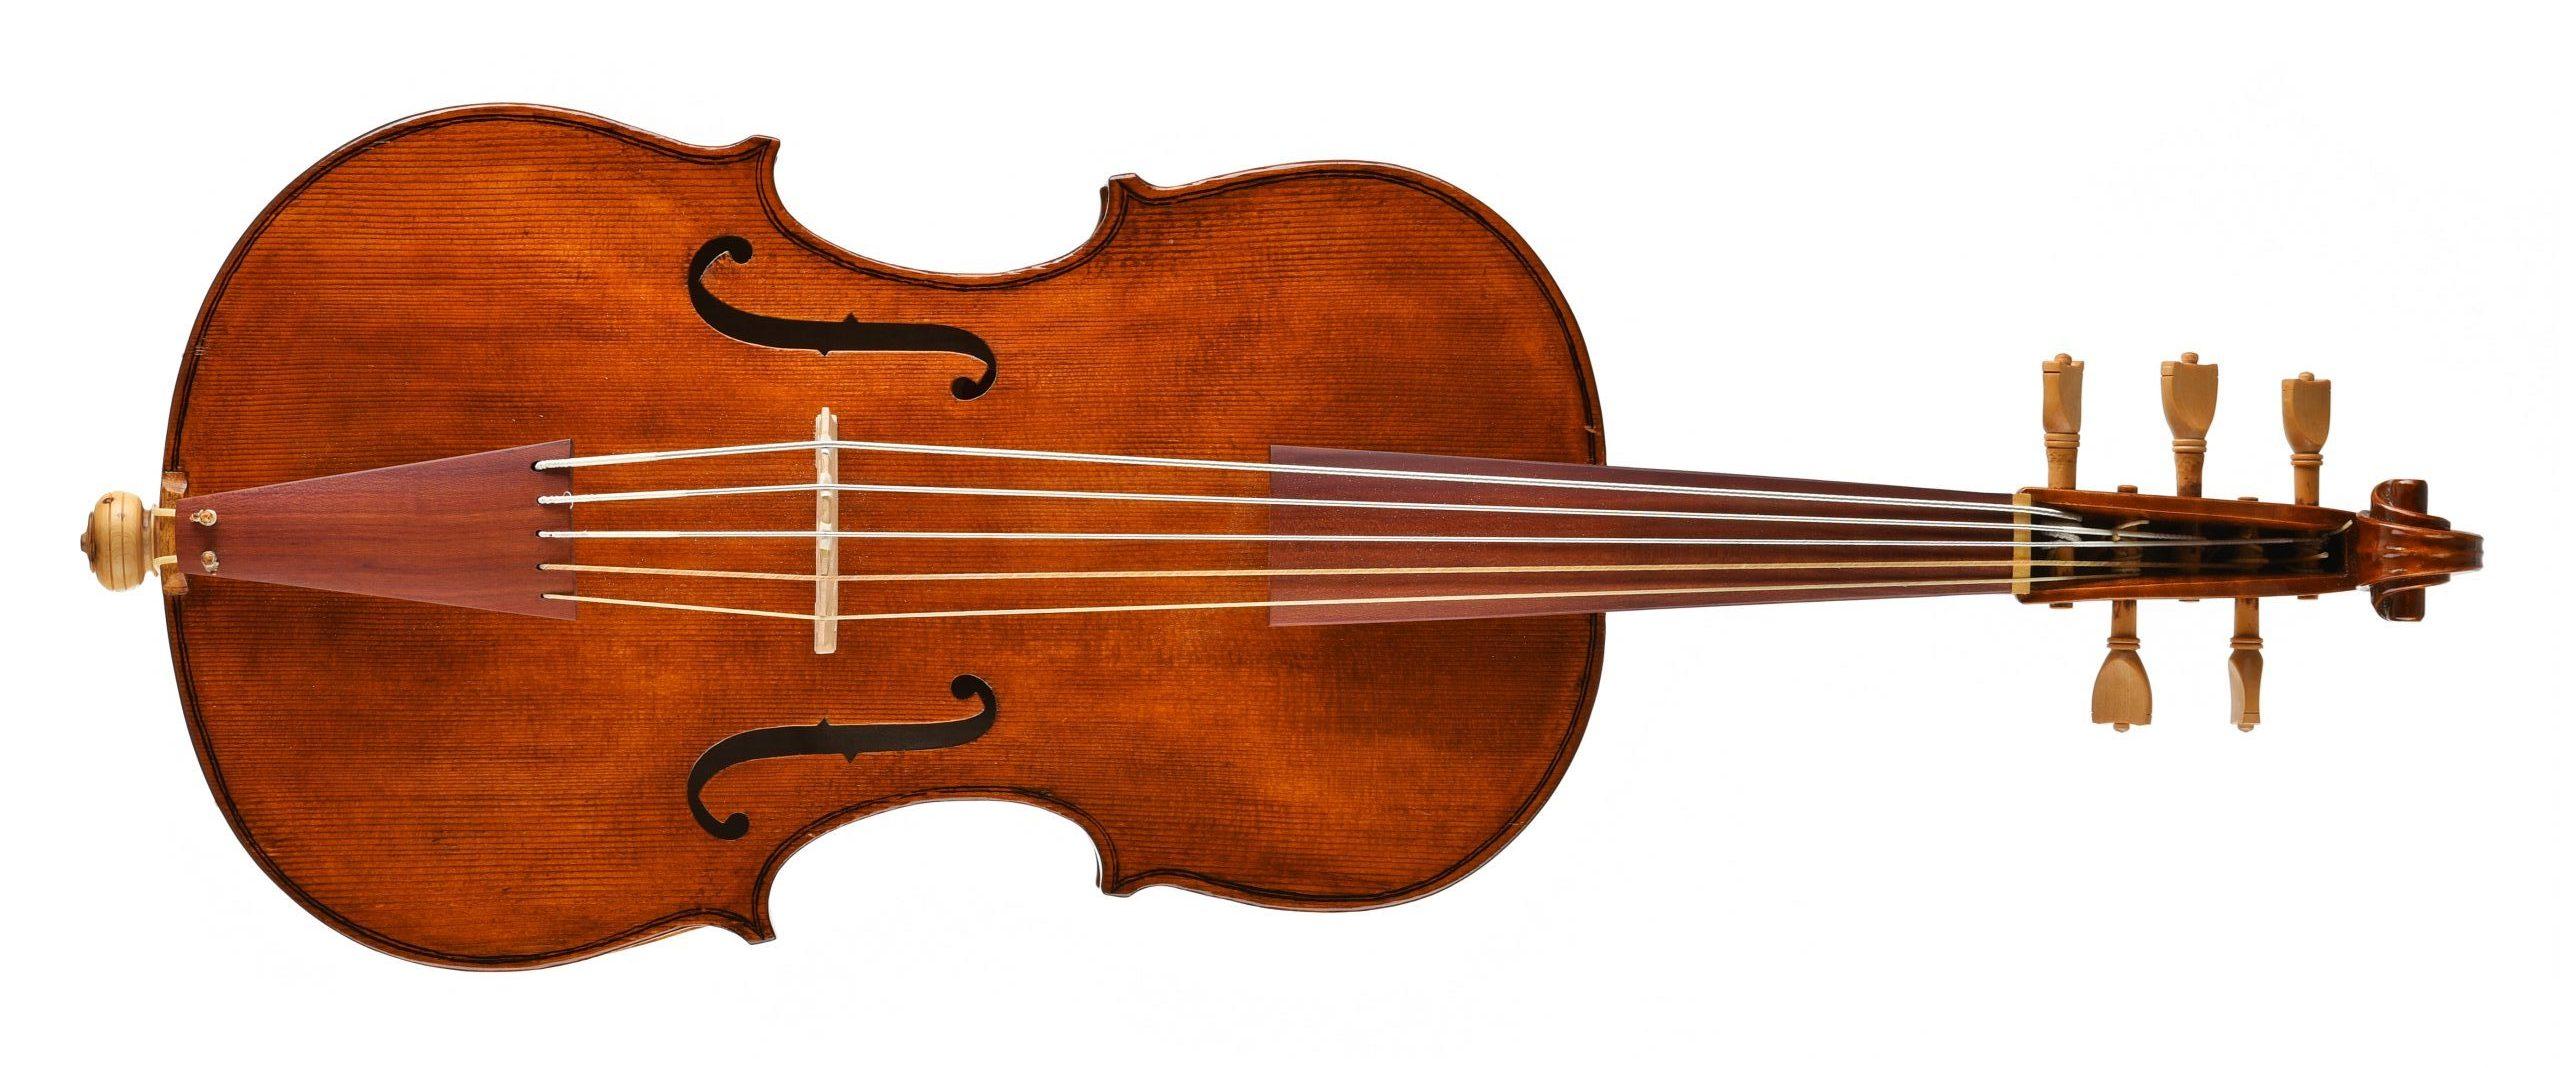 Violoncello da spalla ispirato a Wagner di Lubecca